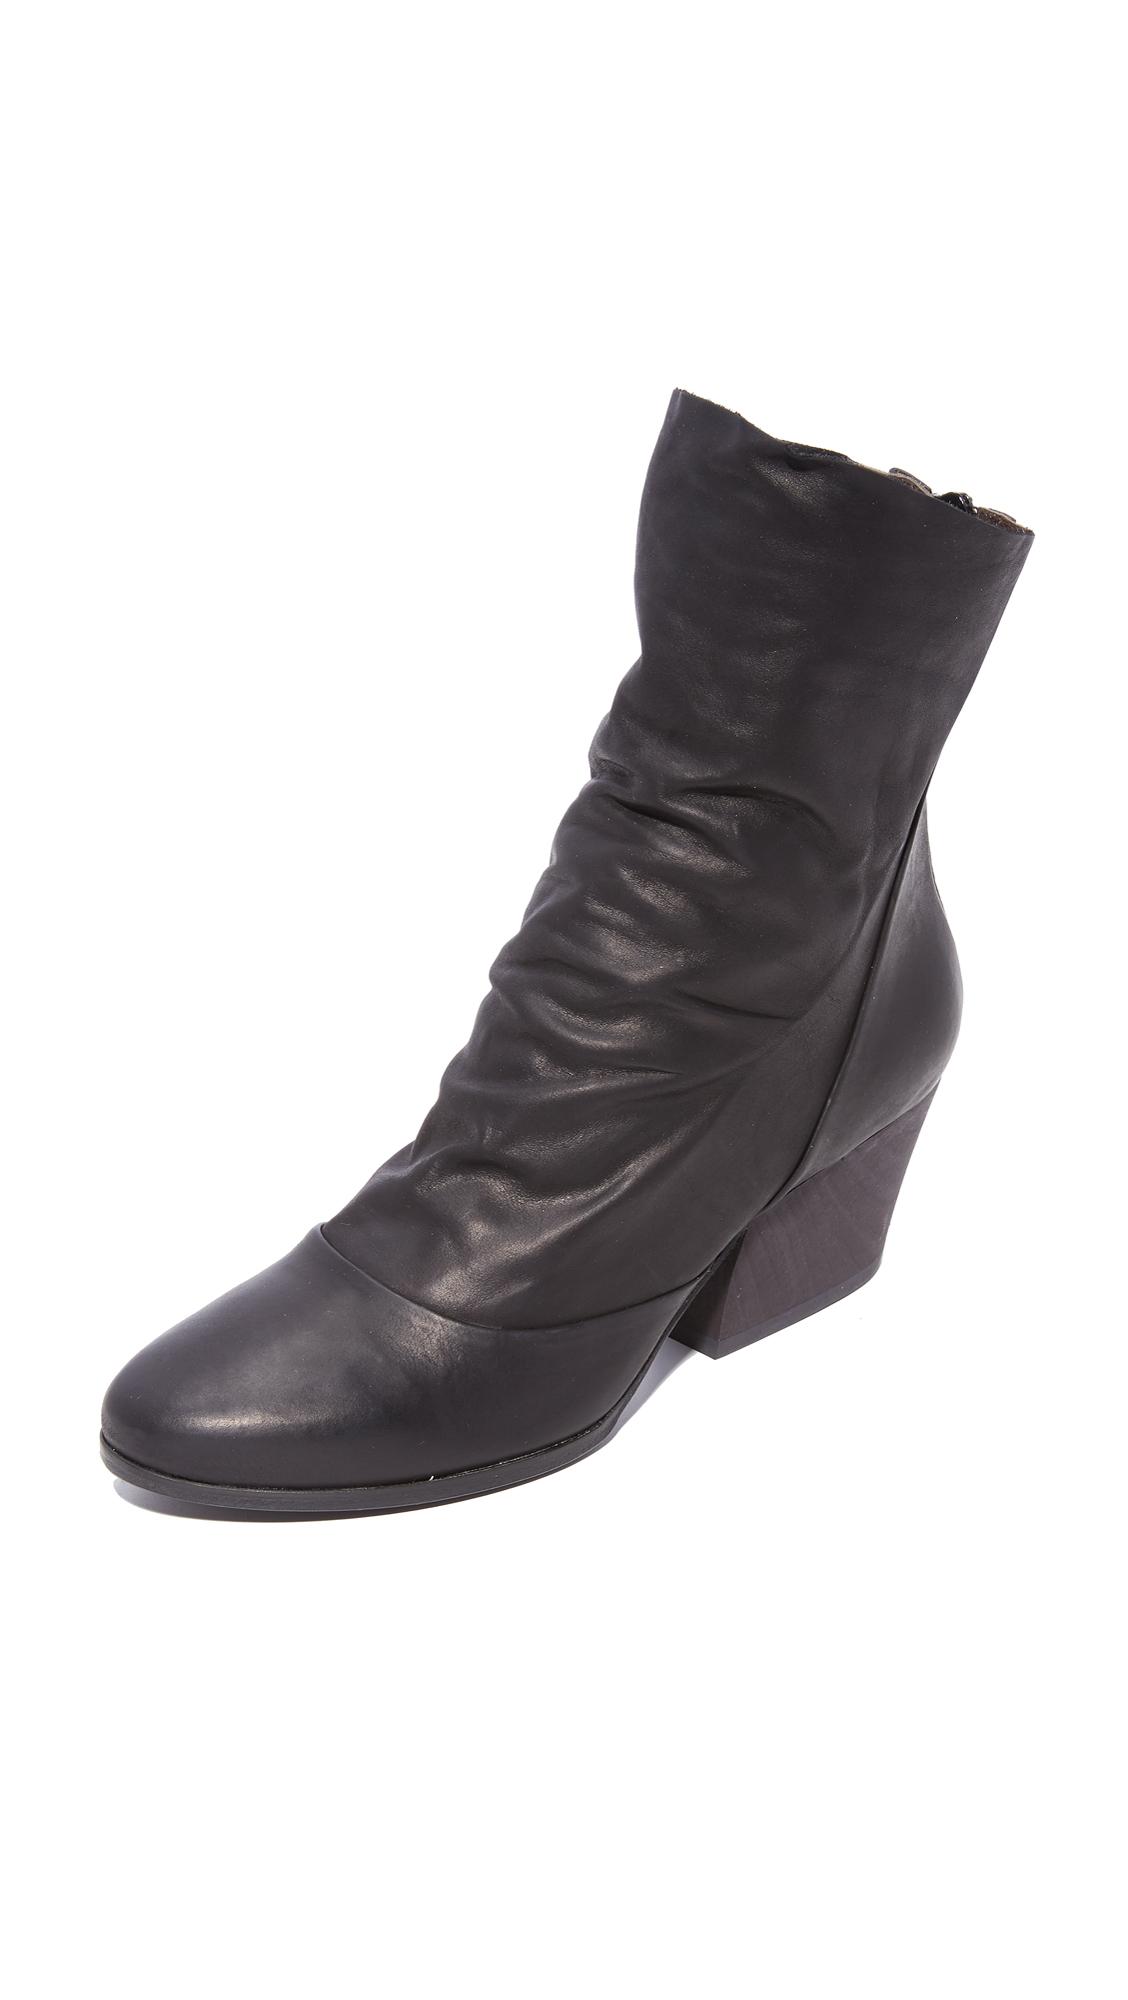 Coclico Shoes Zerit Sock Booties - Kent Black